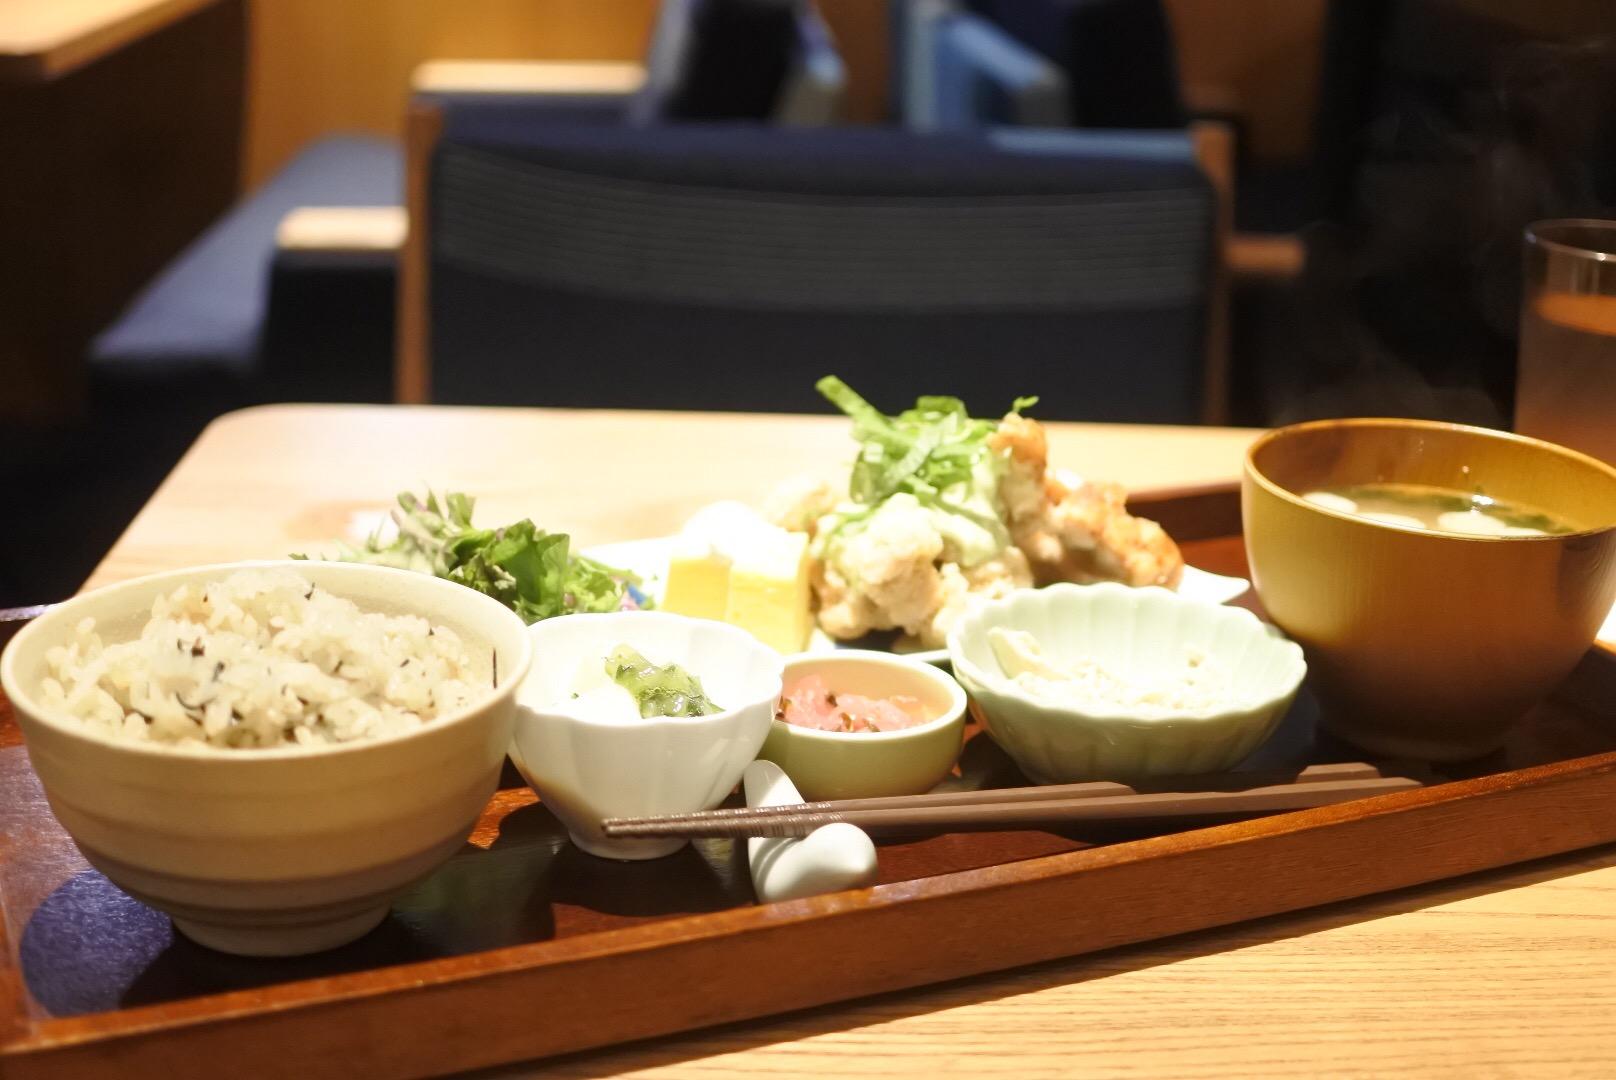 横浜で良いカフェ見つけた♪カフェソラーレツムギ in ジョイナス横浜